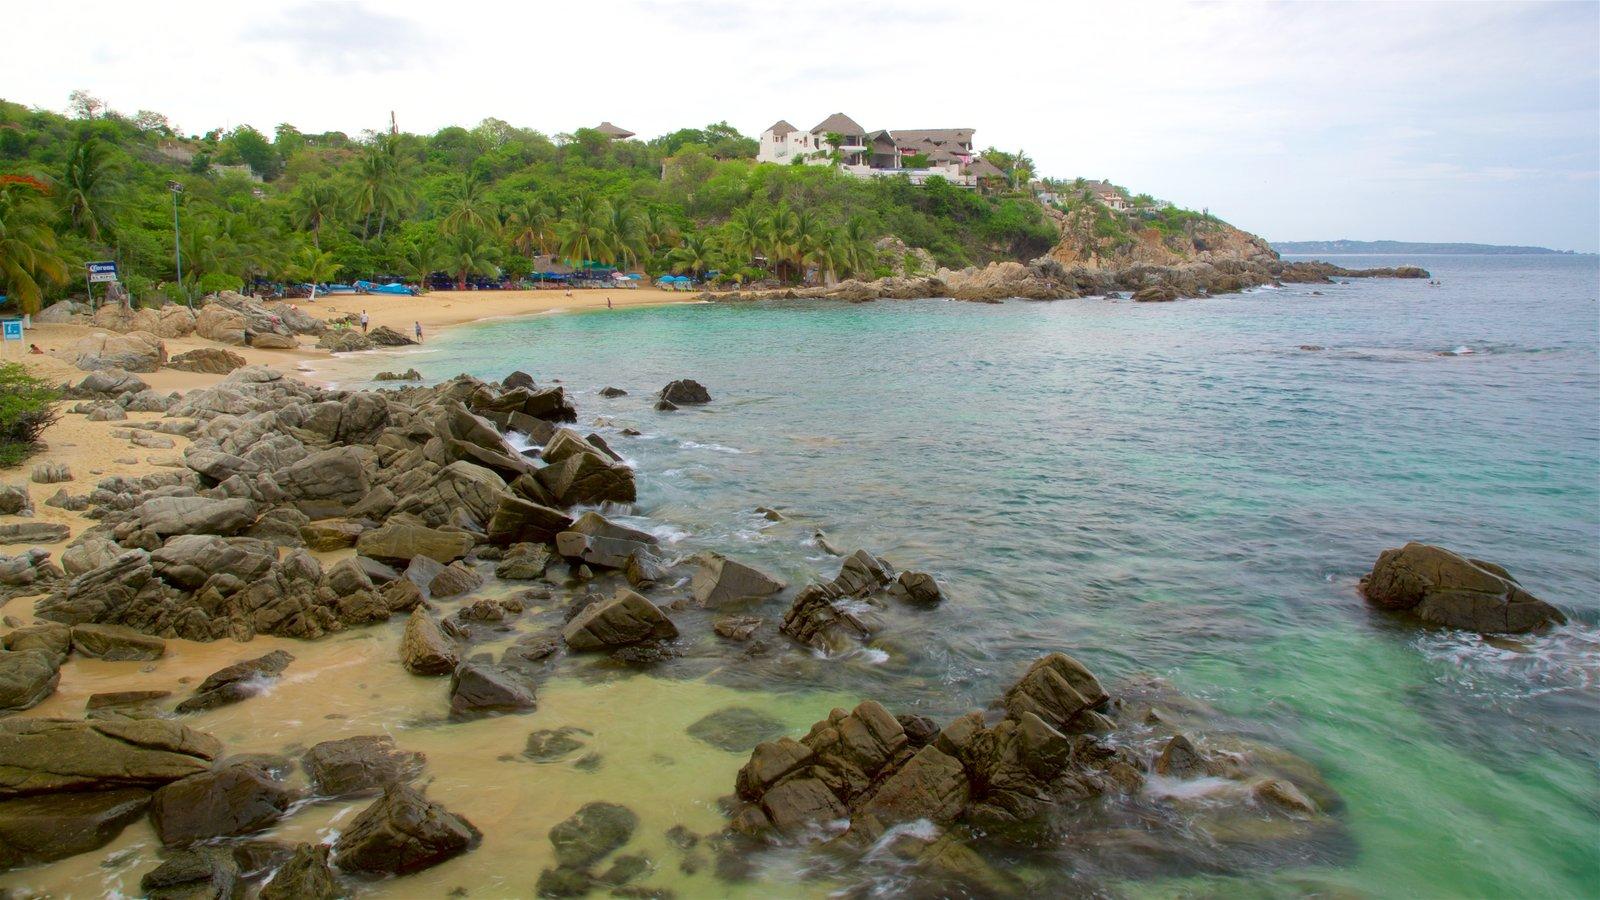 Playa Puerto Angelito que incluye una playa, costa escarpada y vistas generales de la costa